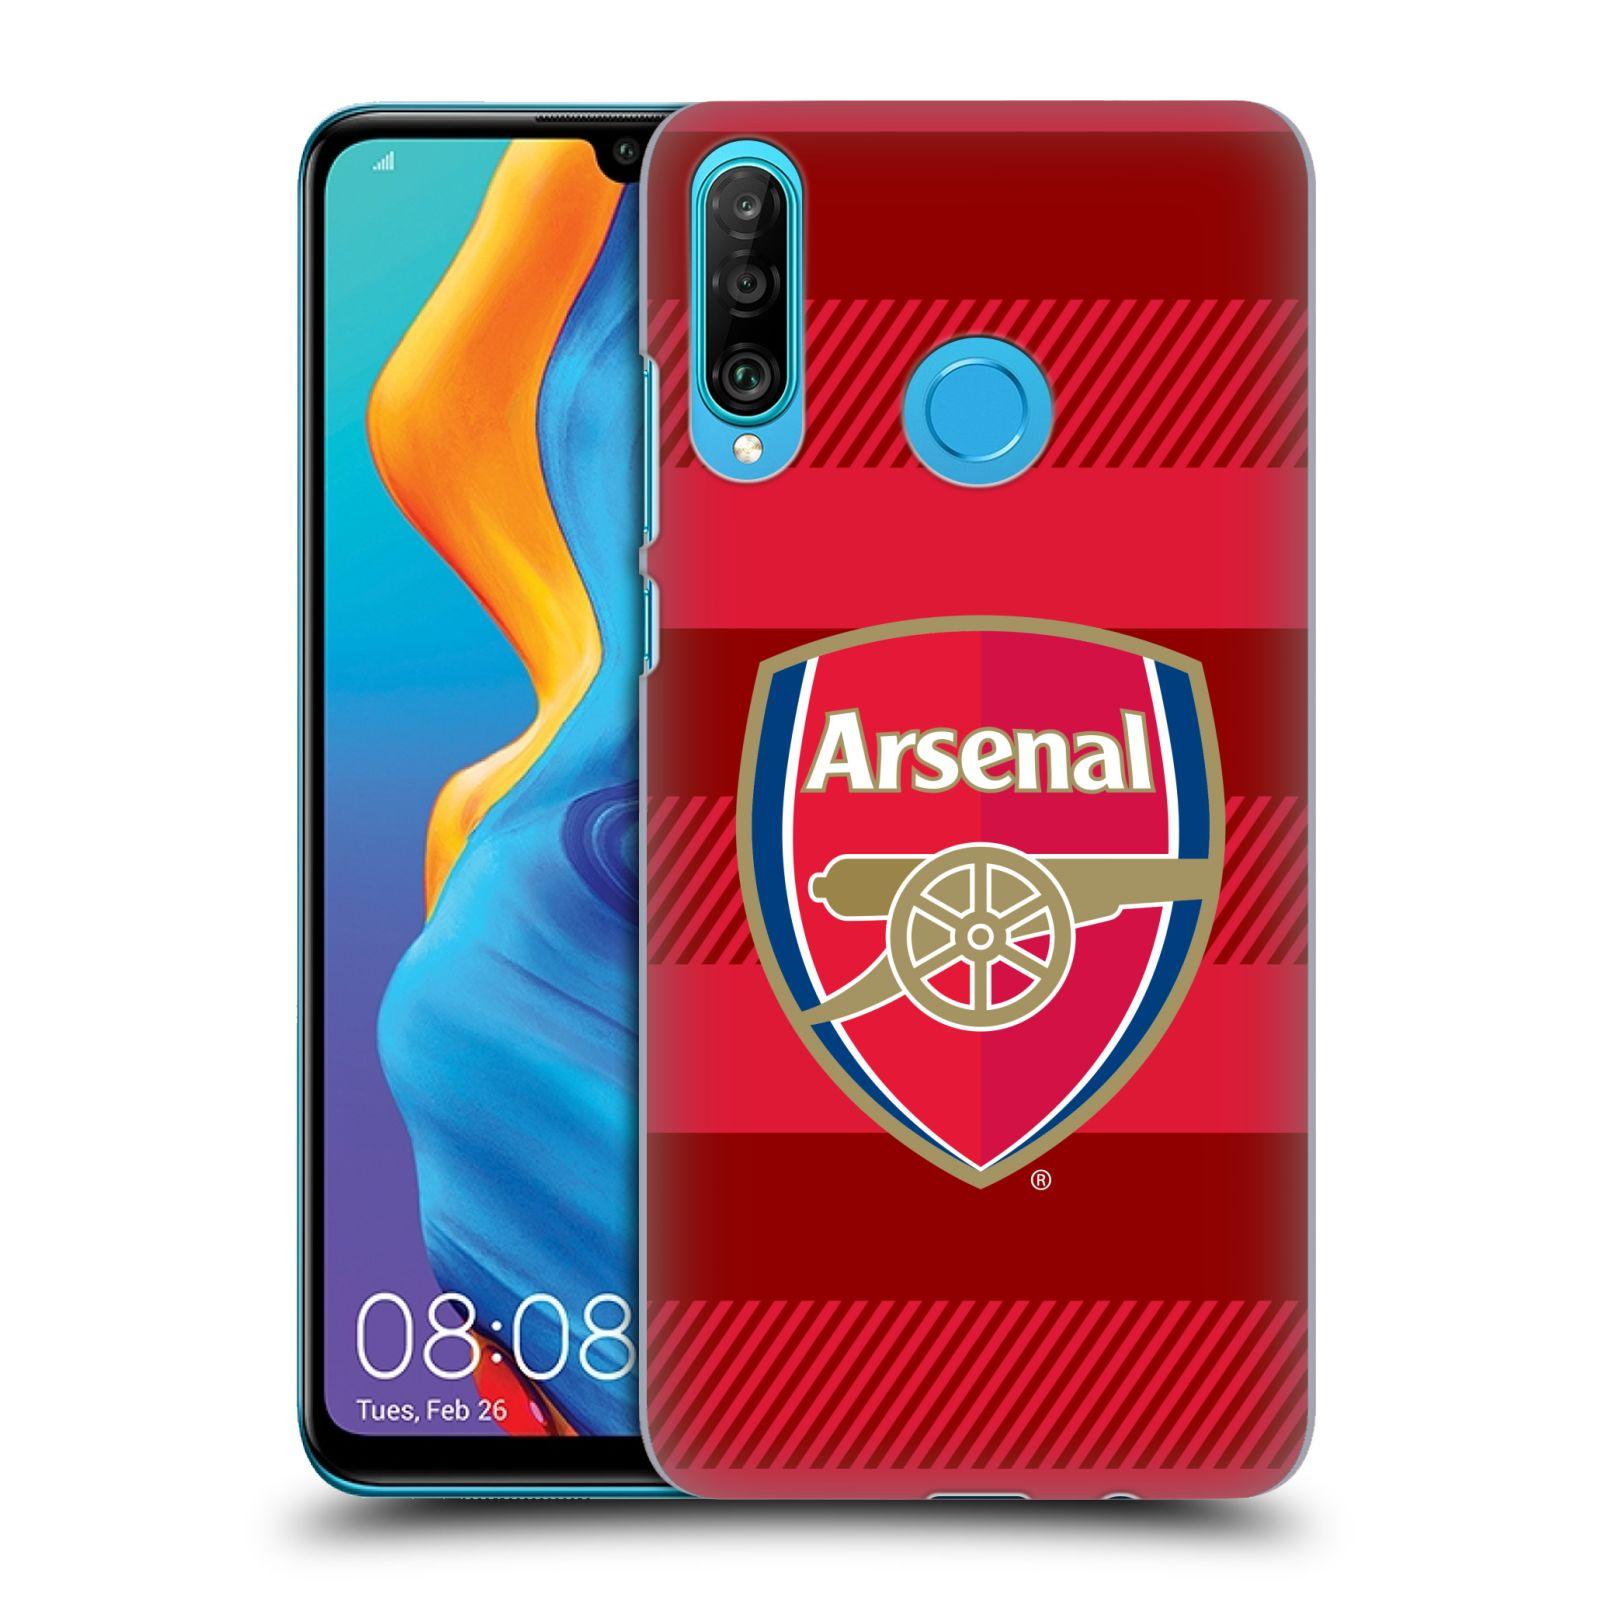 Plastové pouzdro na mobil Huawei P30 Lite - Head Case - Arsenal FC - Logo s pruhy